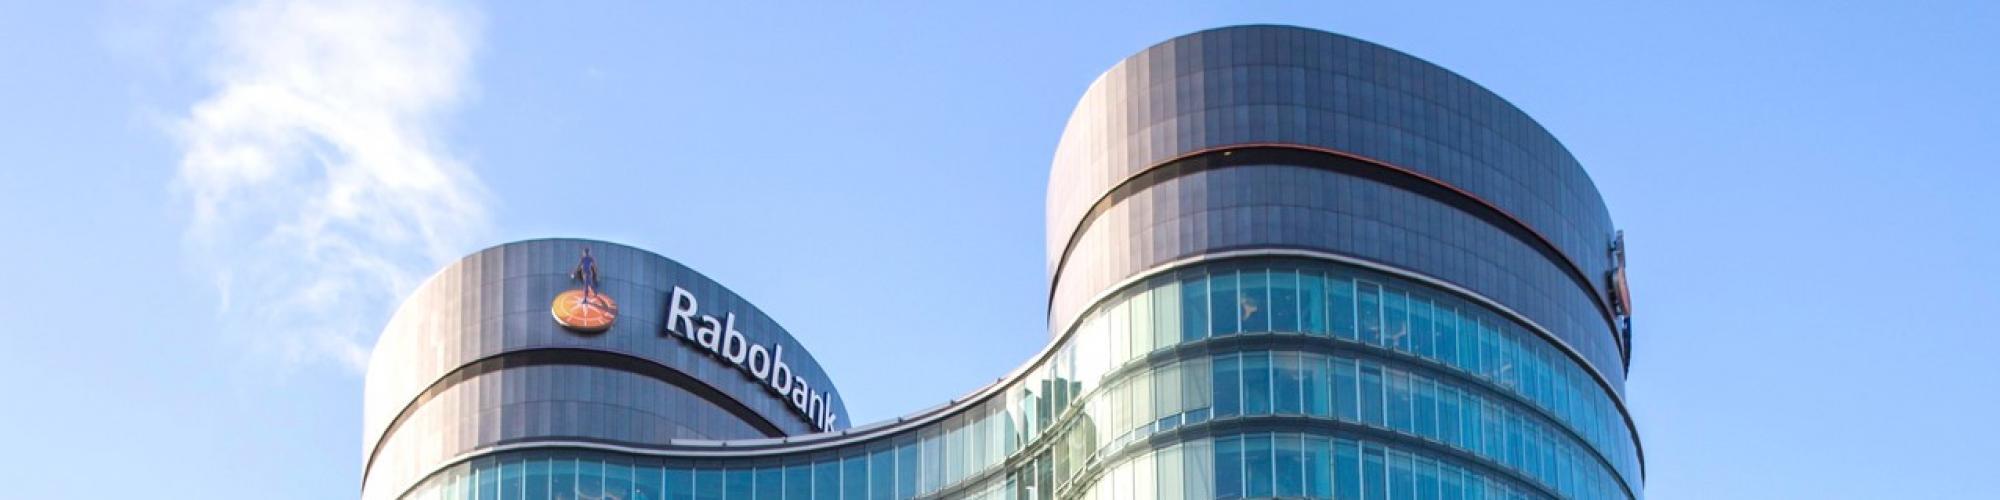 Rabobank Zweigniederlassung Frankfurt am Main